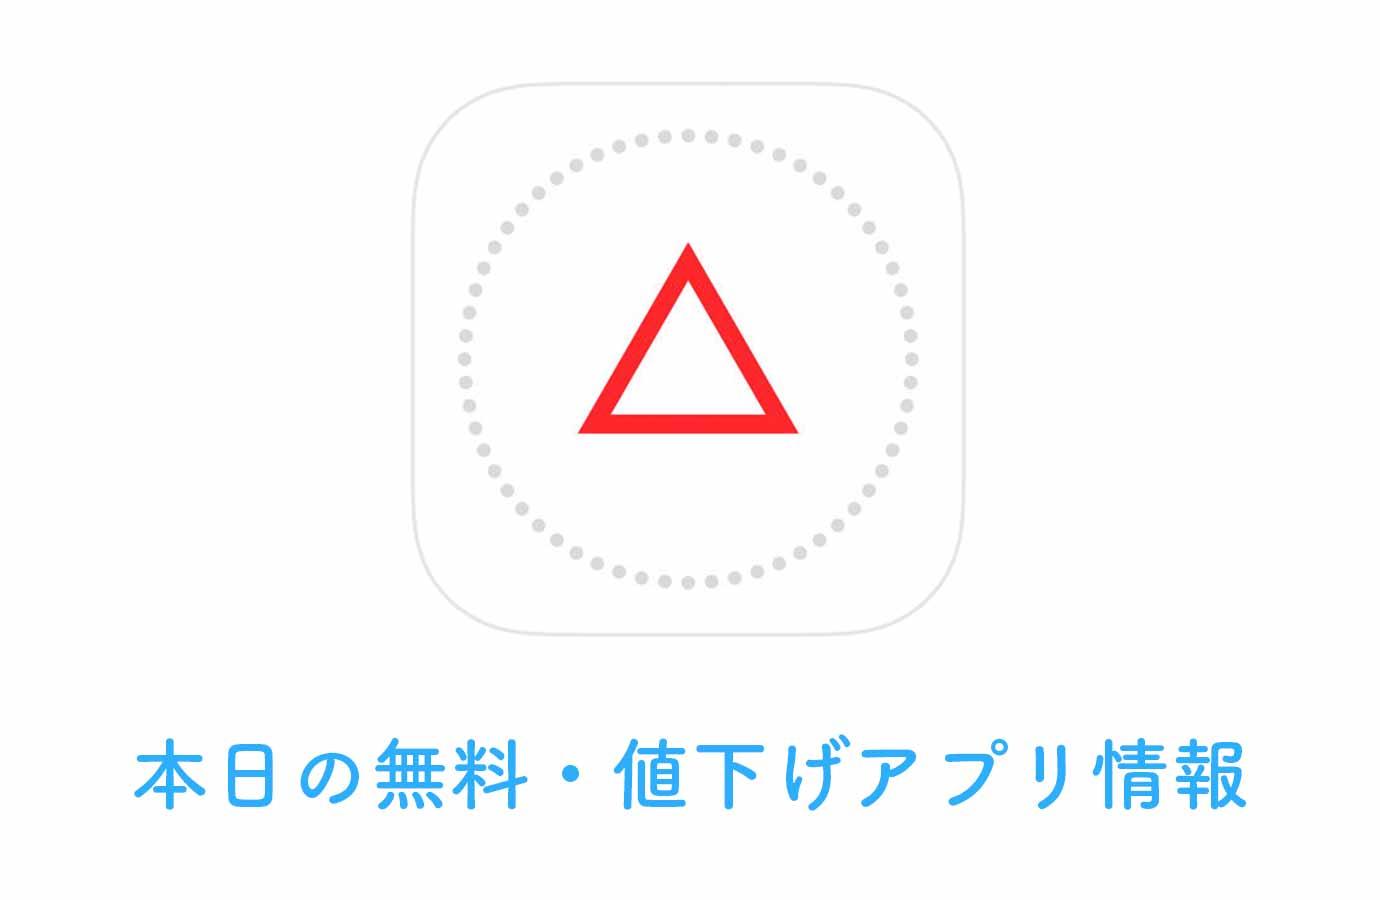 【240円→無料】ウィジェットにも対応したデータ使用量チェックアプリ「Databit」など【2/21】本日の無料・値下げアプリ情報